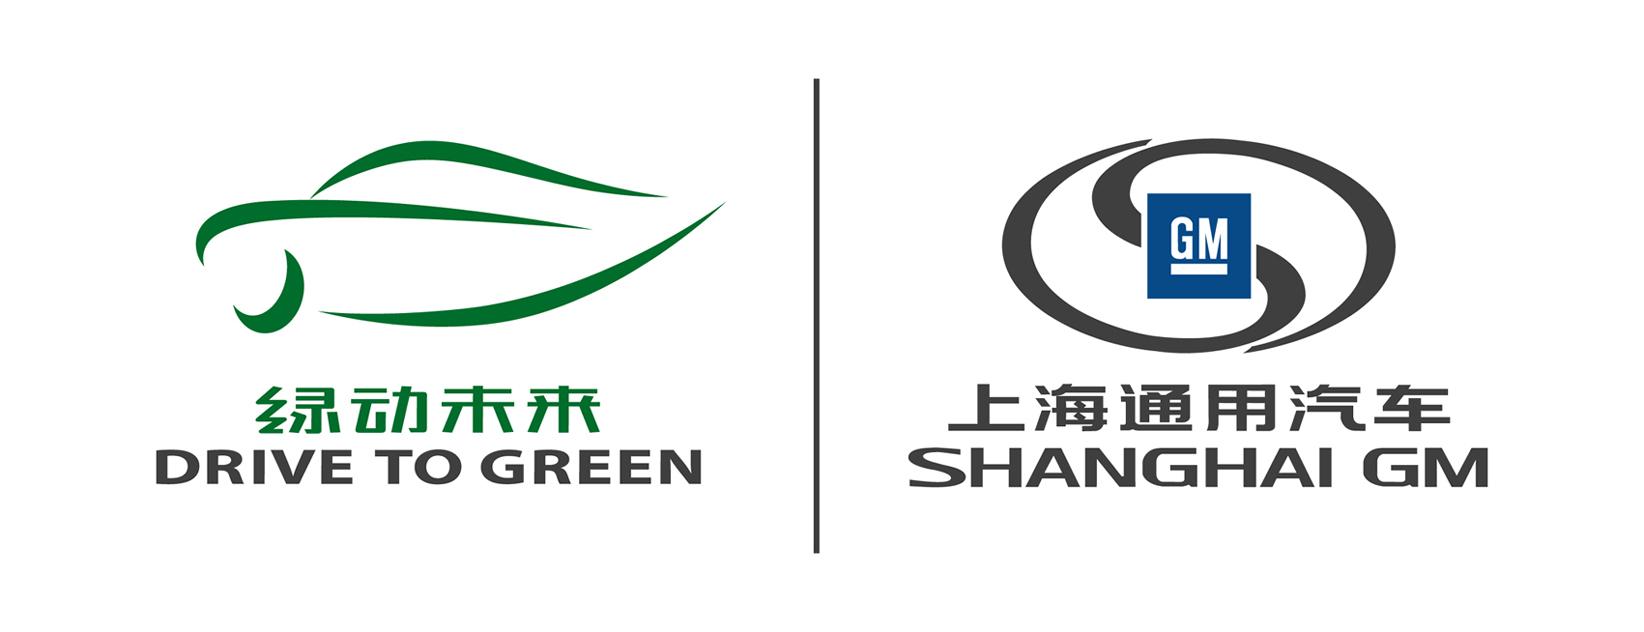 上海通用汽车标志_通用汽车logo高清_通用汽车logo高清高清图片